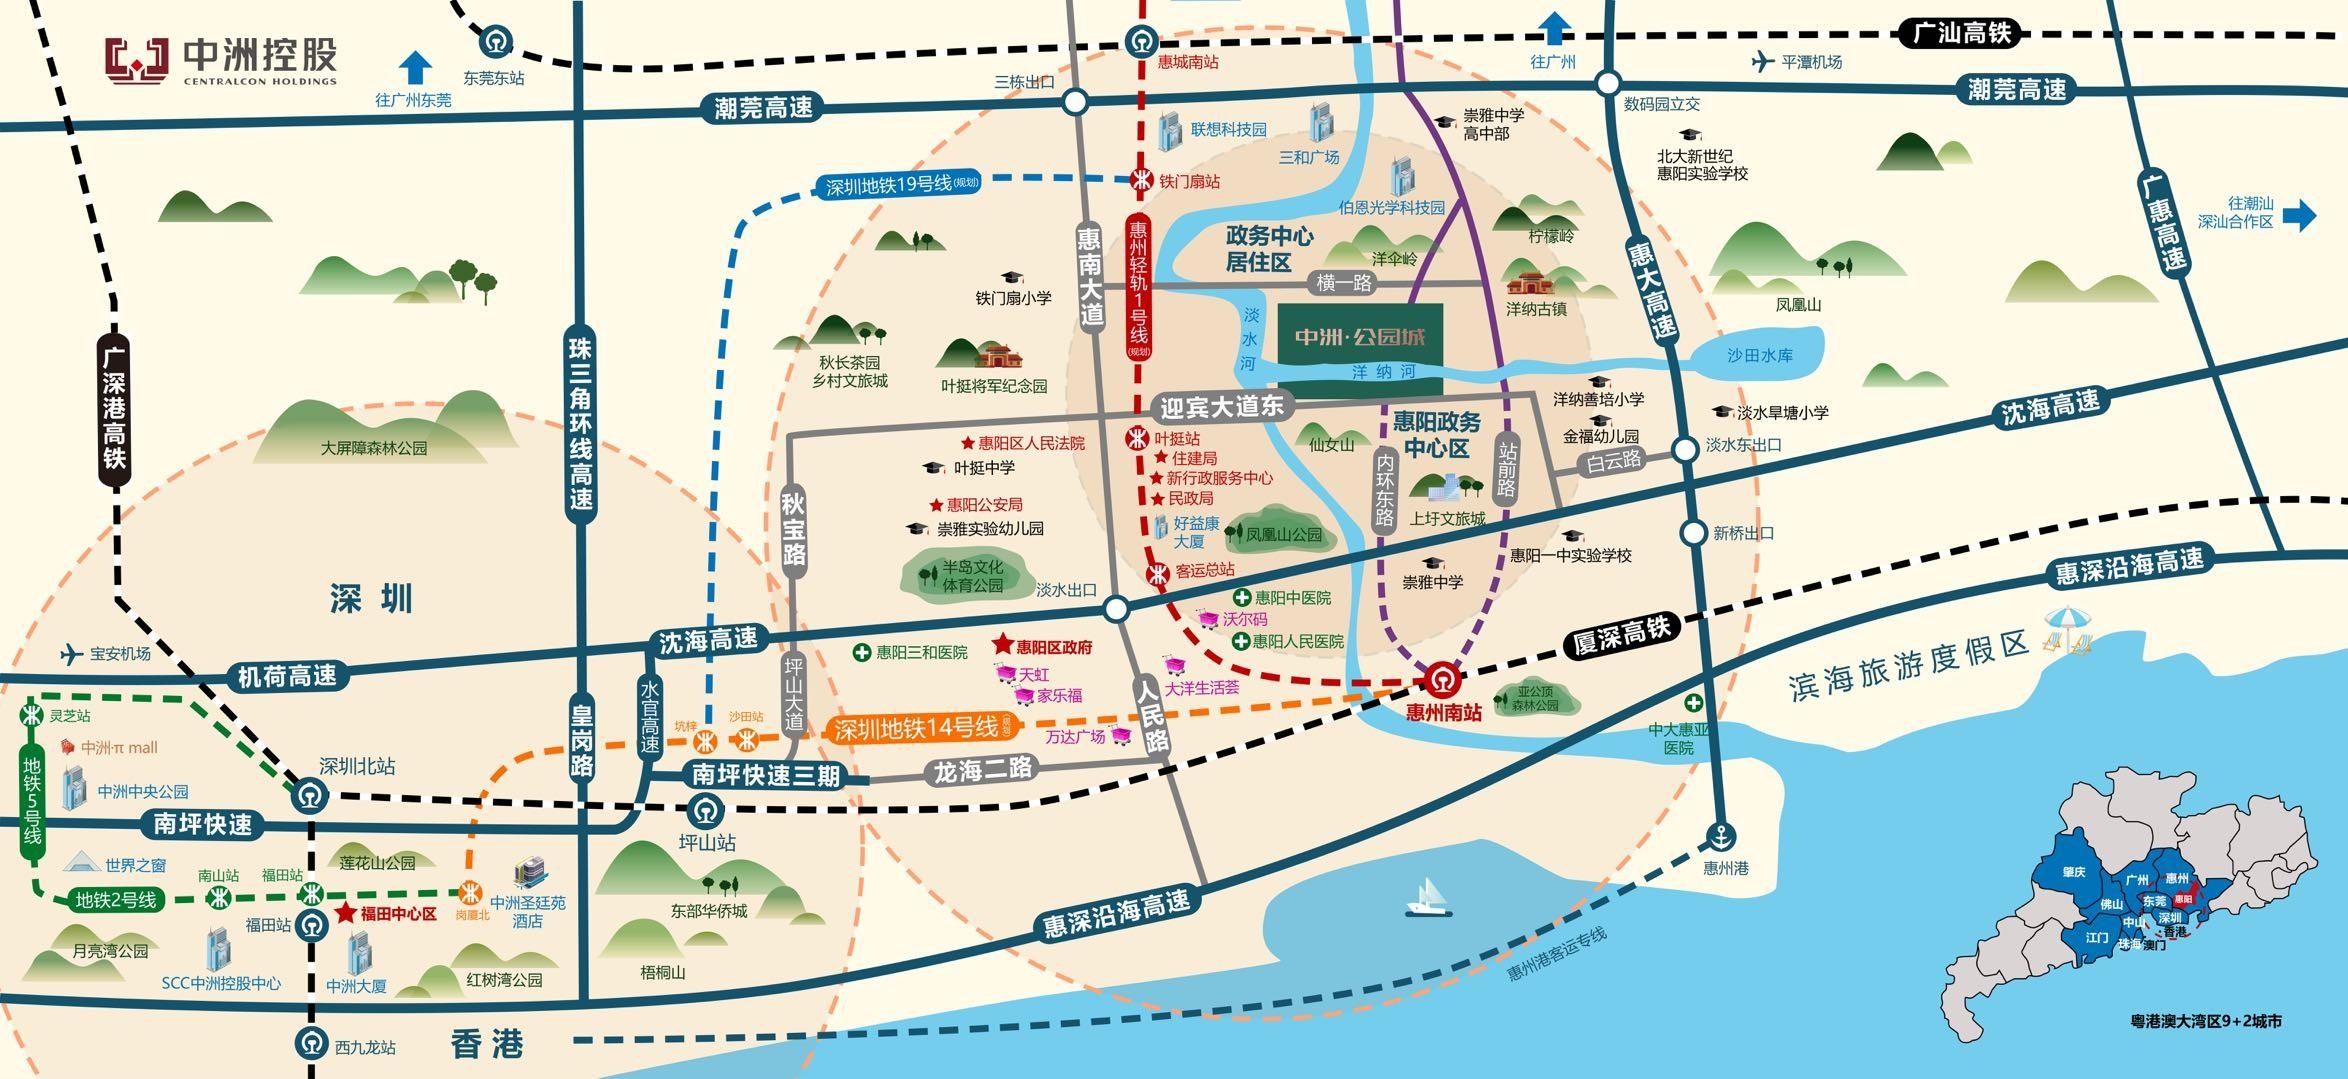 中洲公园城位置图